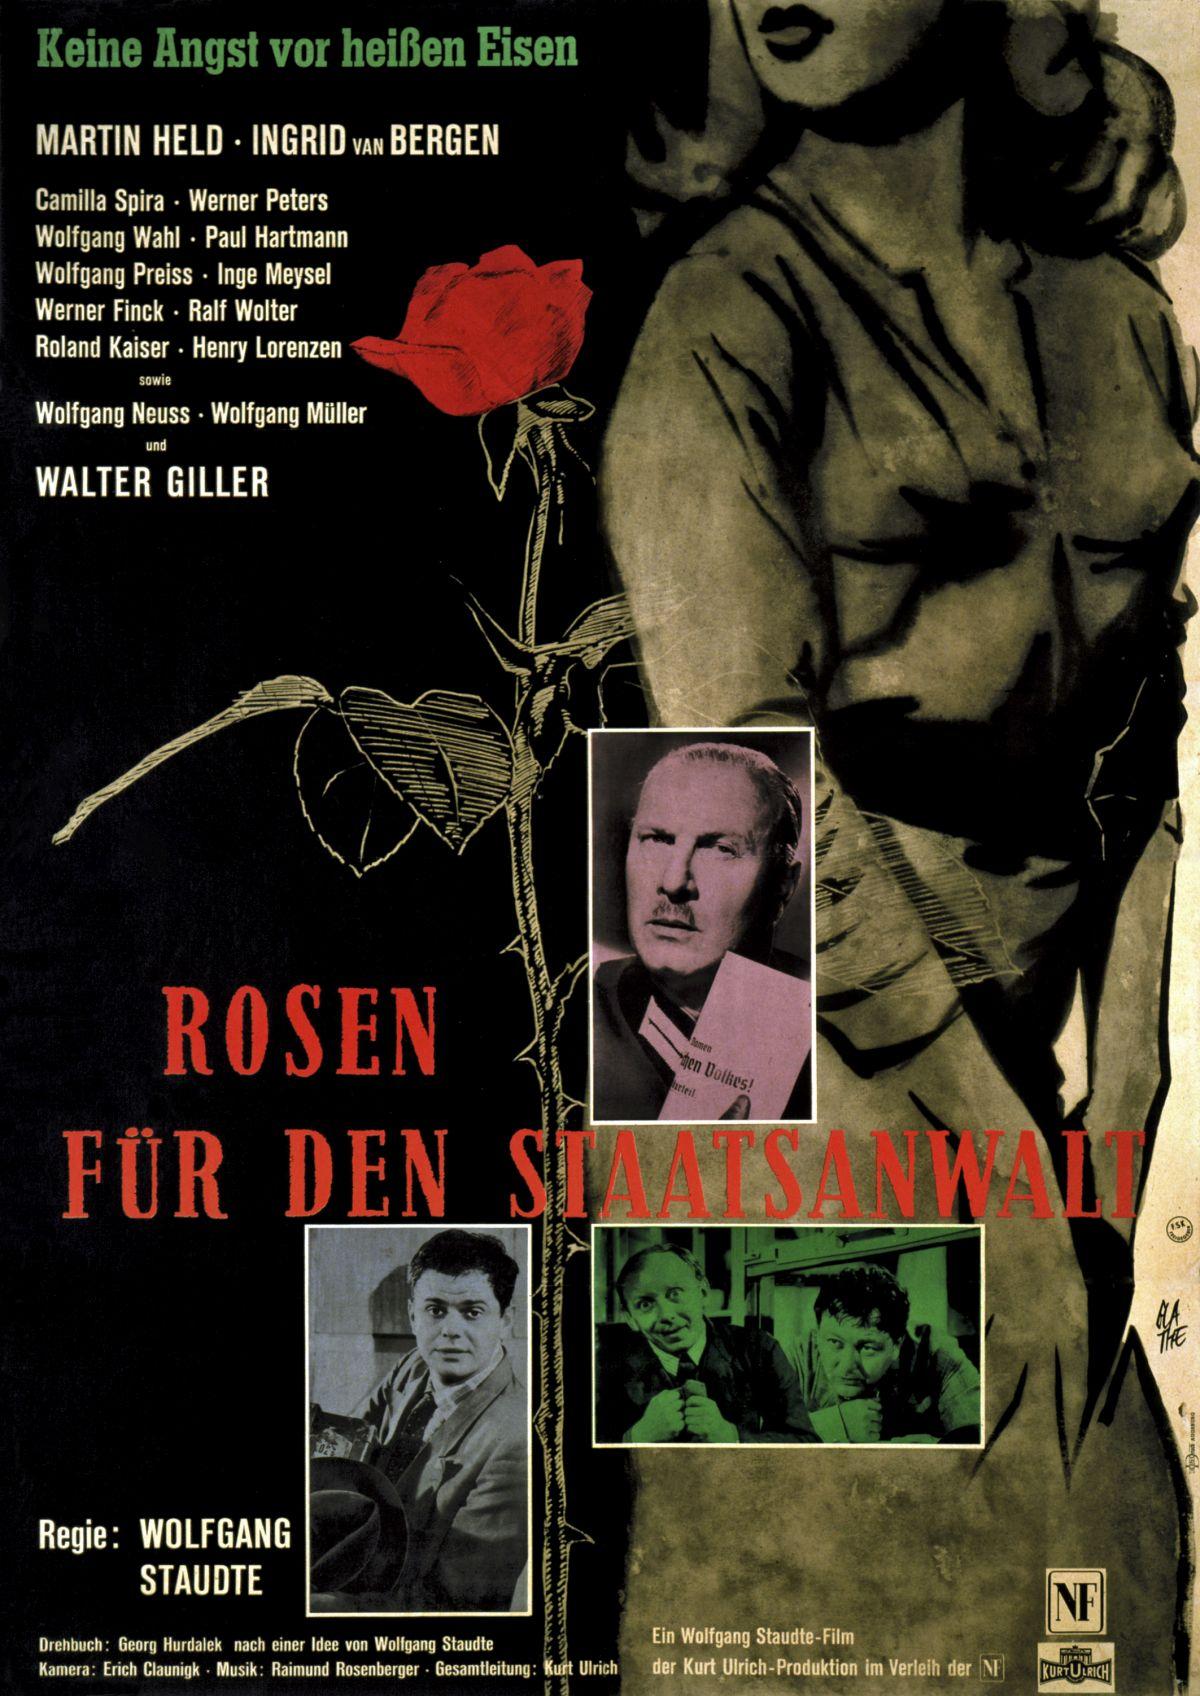 Eine große rote Rose und ein bekleideter Frauenkörper von den Knien bis zur Nase dominieren das Plakat, dazu drei kleine Bilder mit Filmszenen